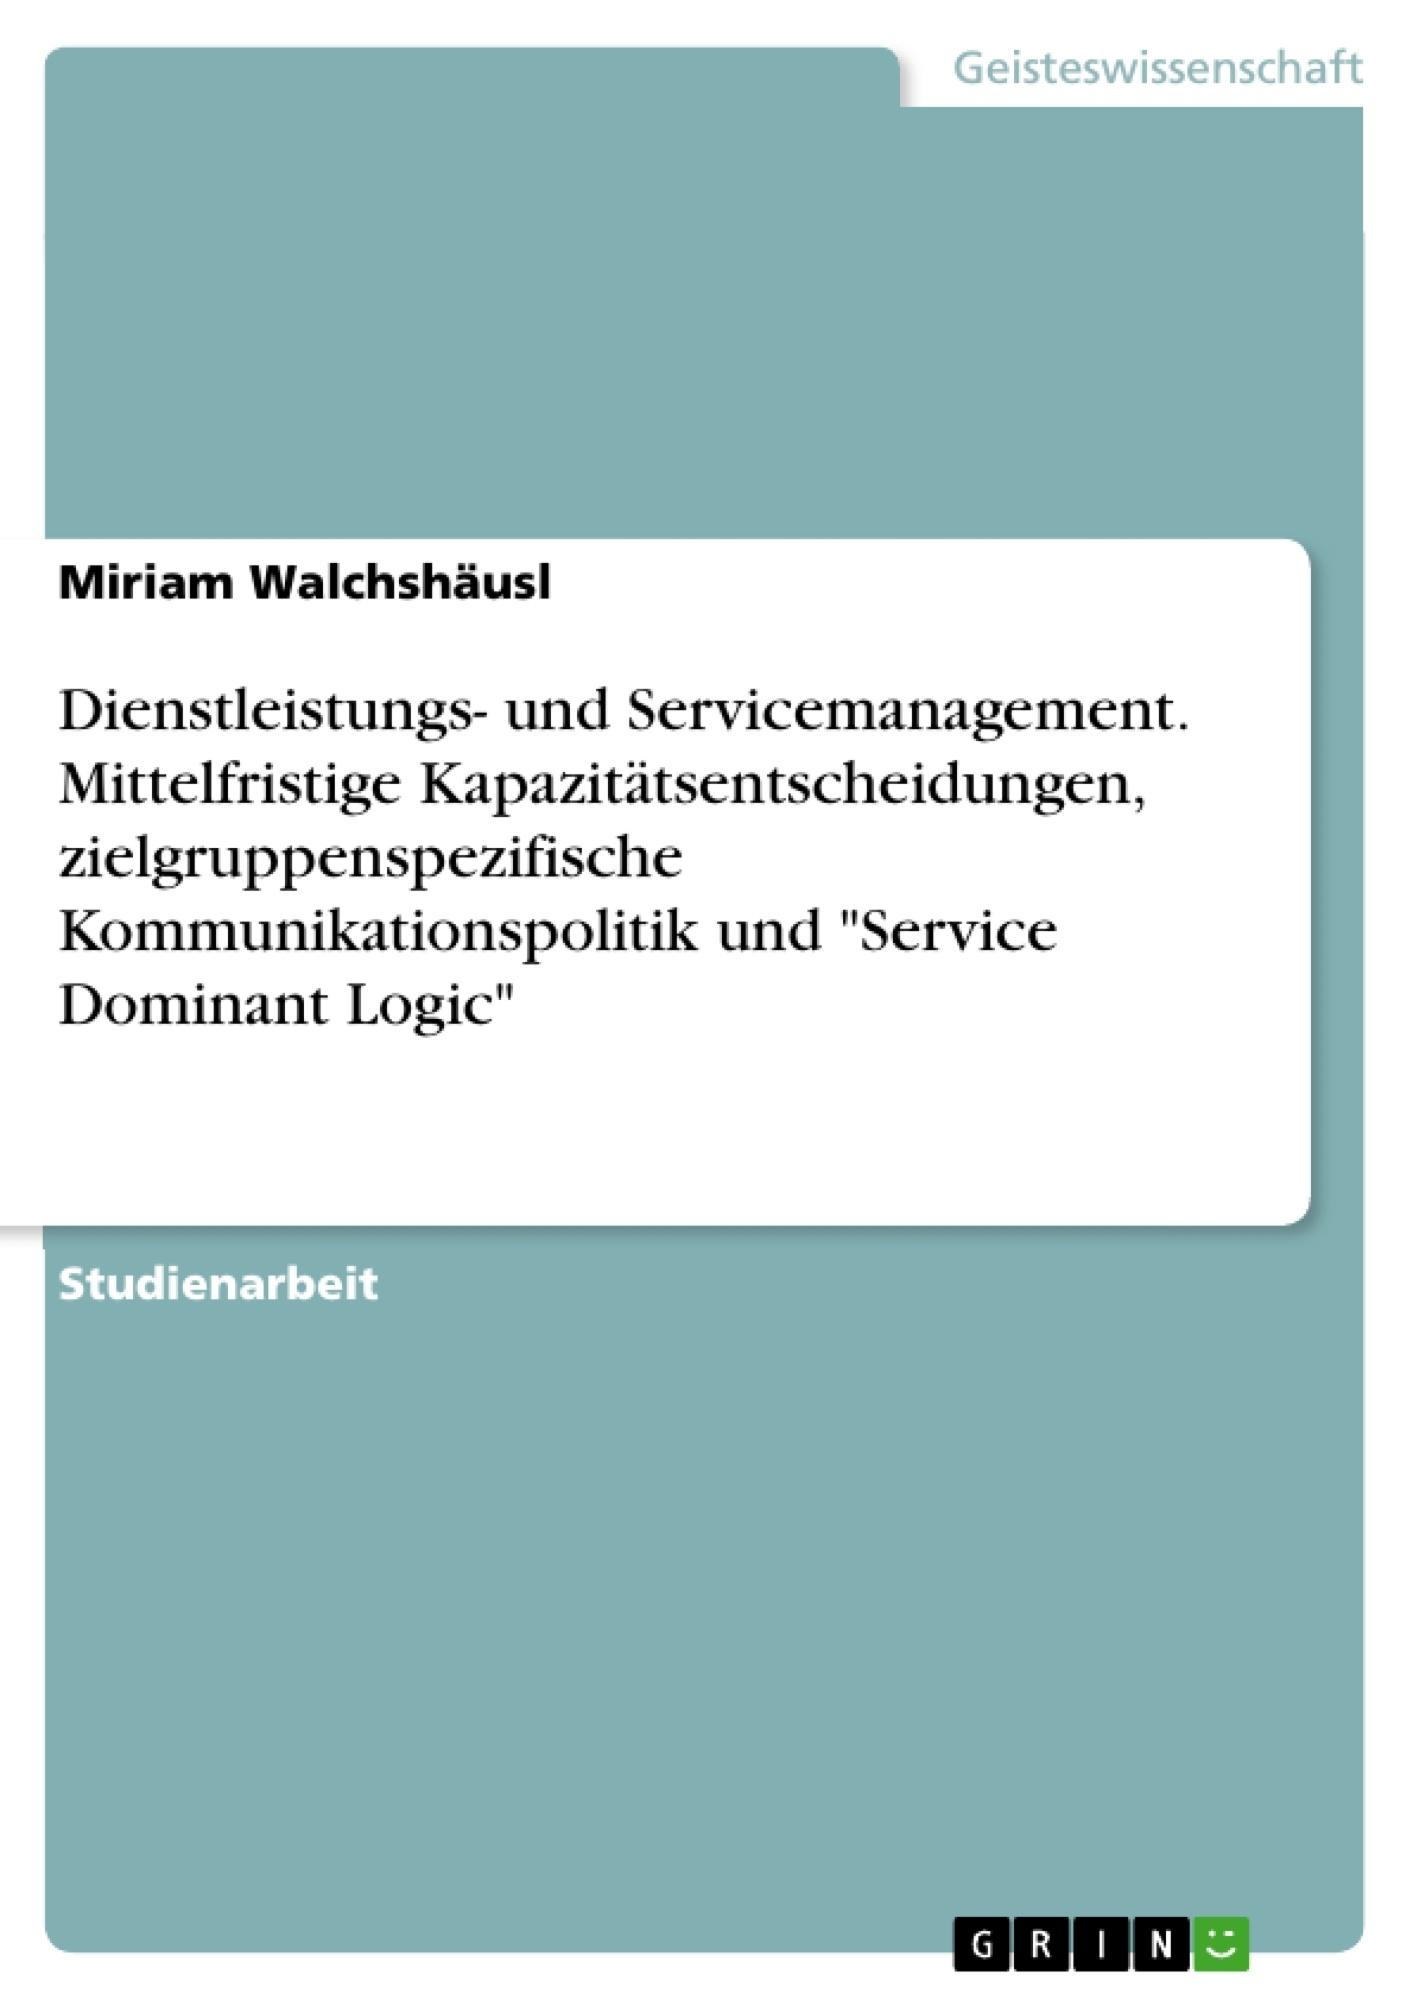 """Titel: Dienstleistungs- und Servicemanagement. Mittelfristige Kapazitätsentscheidungen, zielgruppenspezifische Kommunikationspolitik und """"Service Dominant Logic"""""""